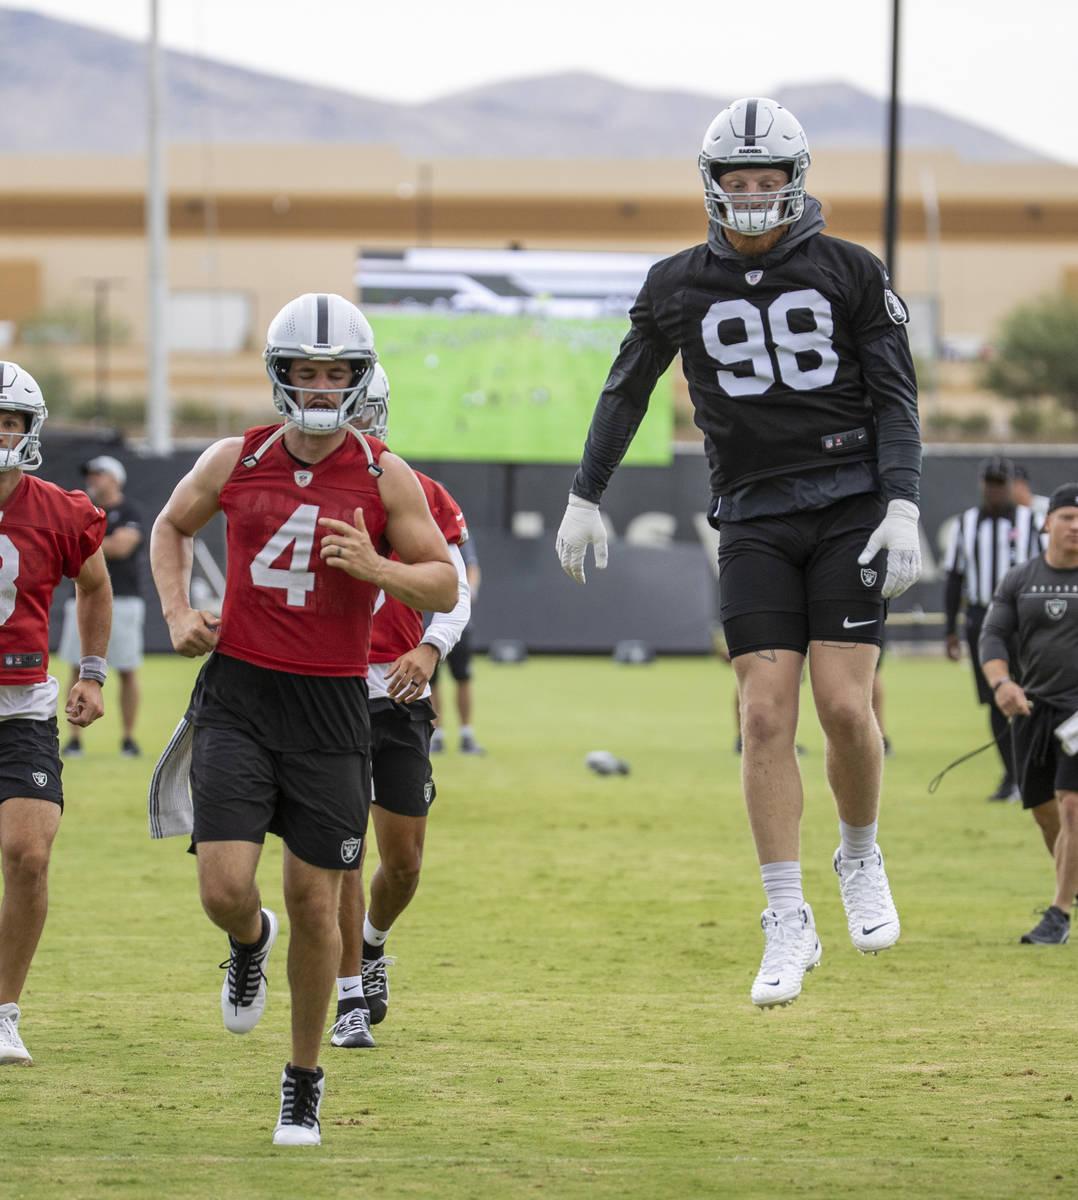 Raiders defensive end Maxx Crosby (98) leaps in the air as quarterback Derek Carr (4) runs alon ...